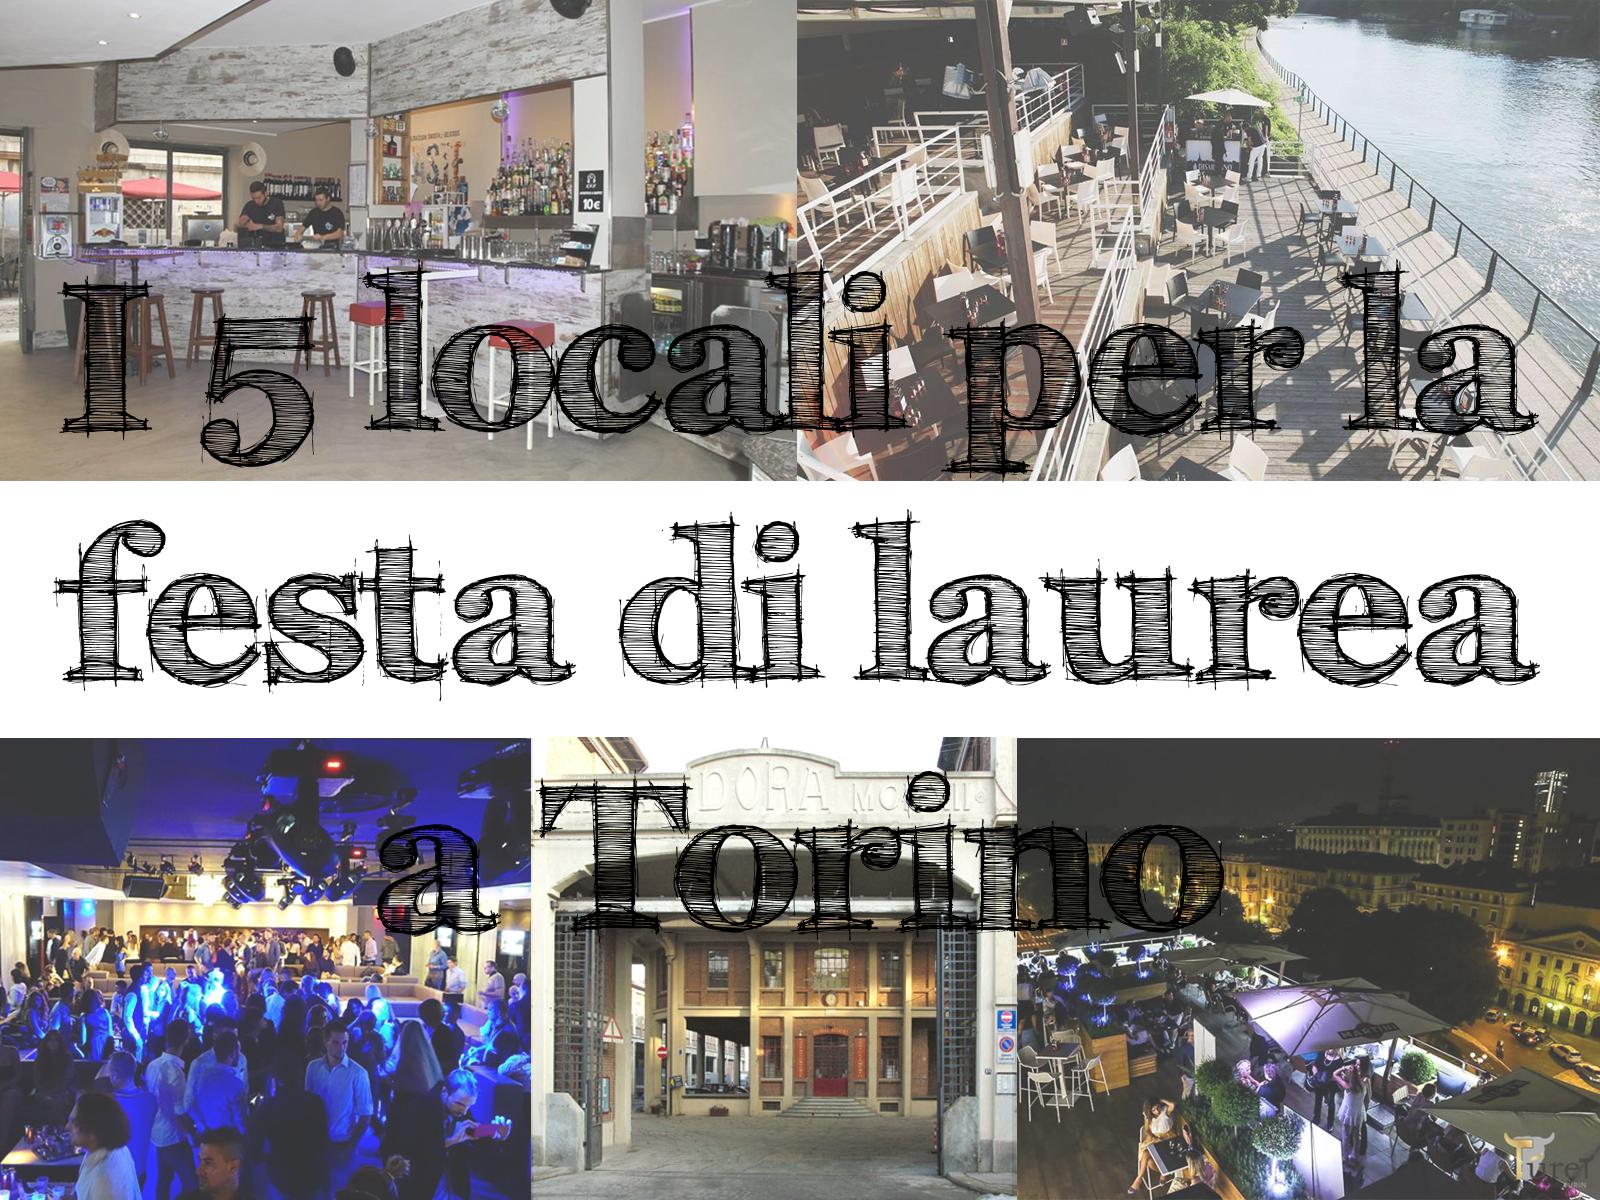 Festa Di Laurea A Torino I 5 Locali Da Scegliere Torino Fashion